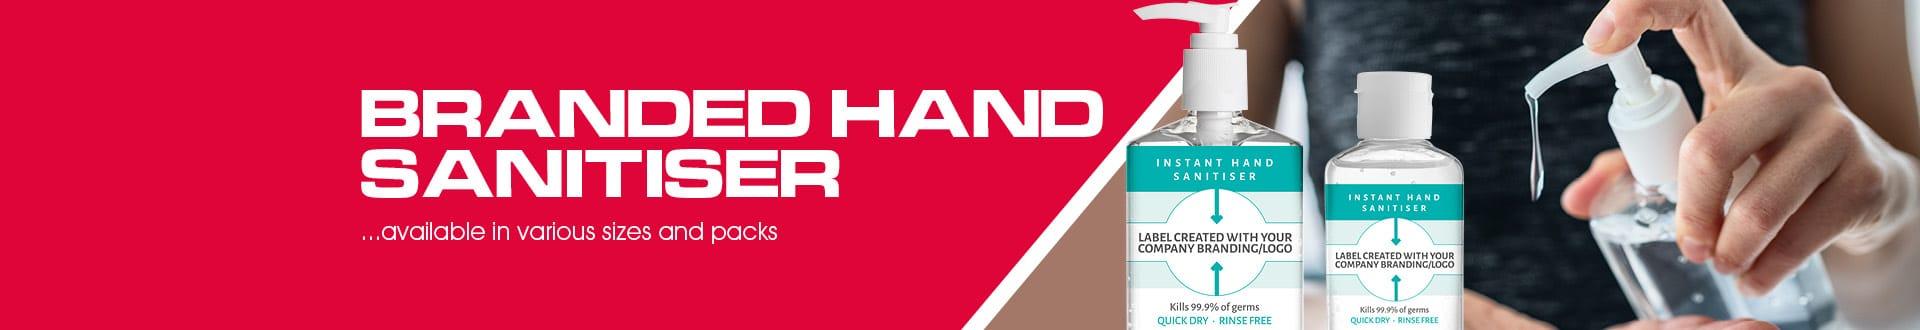 Branded Hand Sanitiser